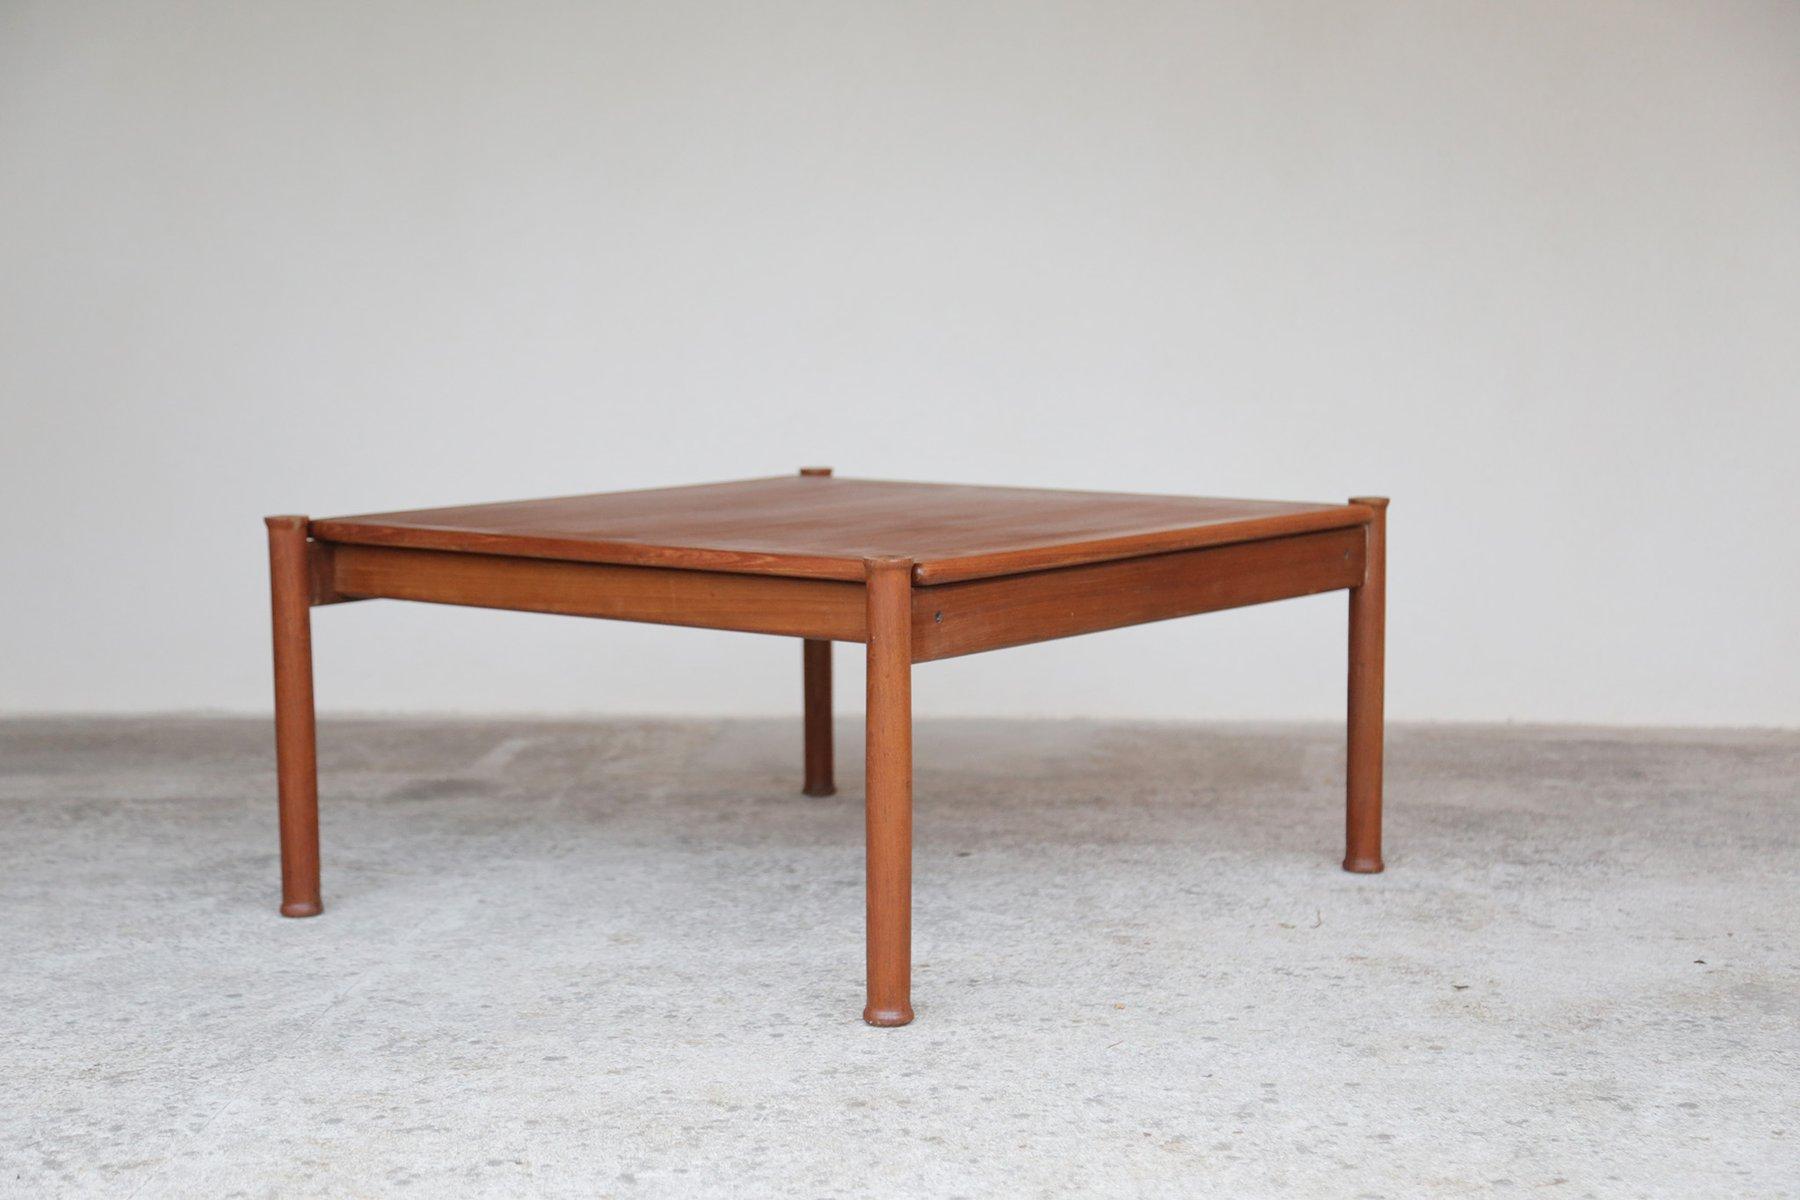 table basse vintage scandinave en teck en vente sur pamono. Black Bedroom Furniture Sets. Home Design Ideas